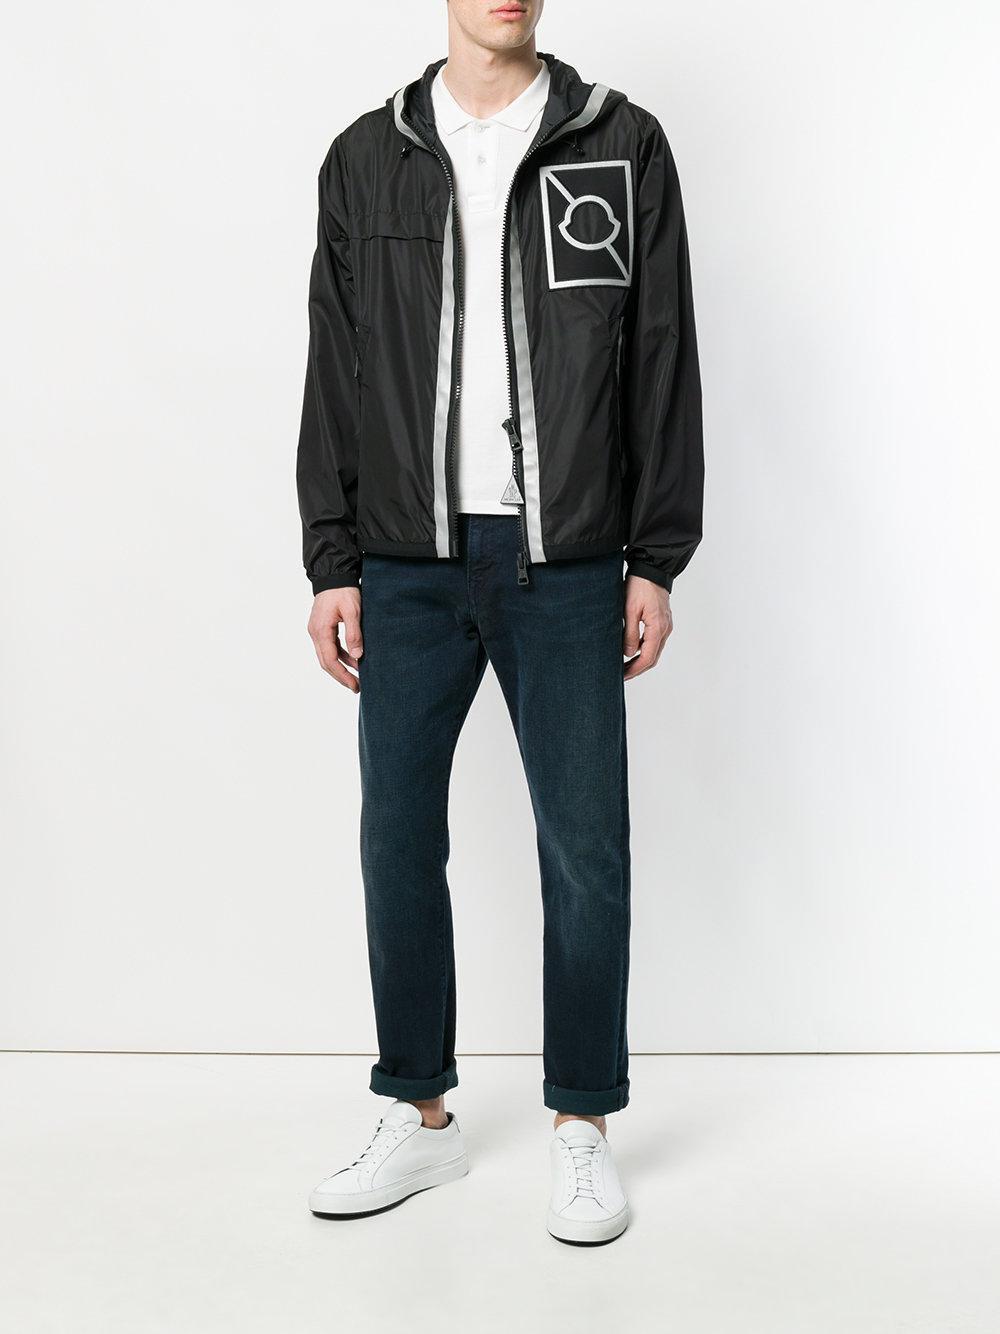 5570b95c03b2 Lyst - Veste x Craig Green Moncler pour homme en coloris Noir ...